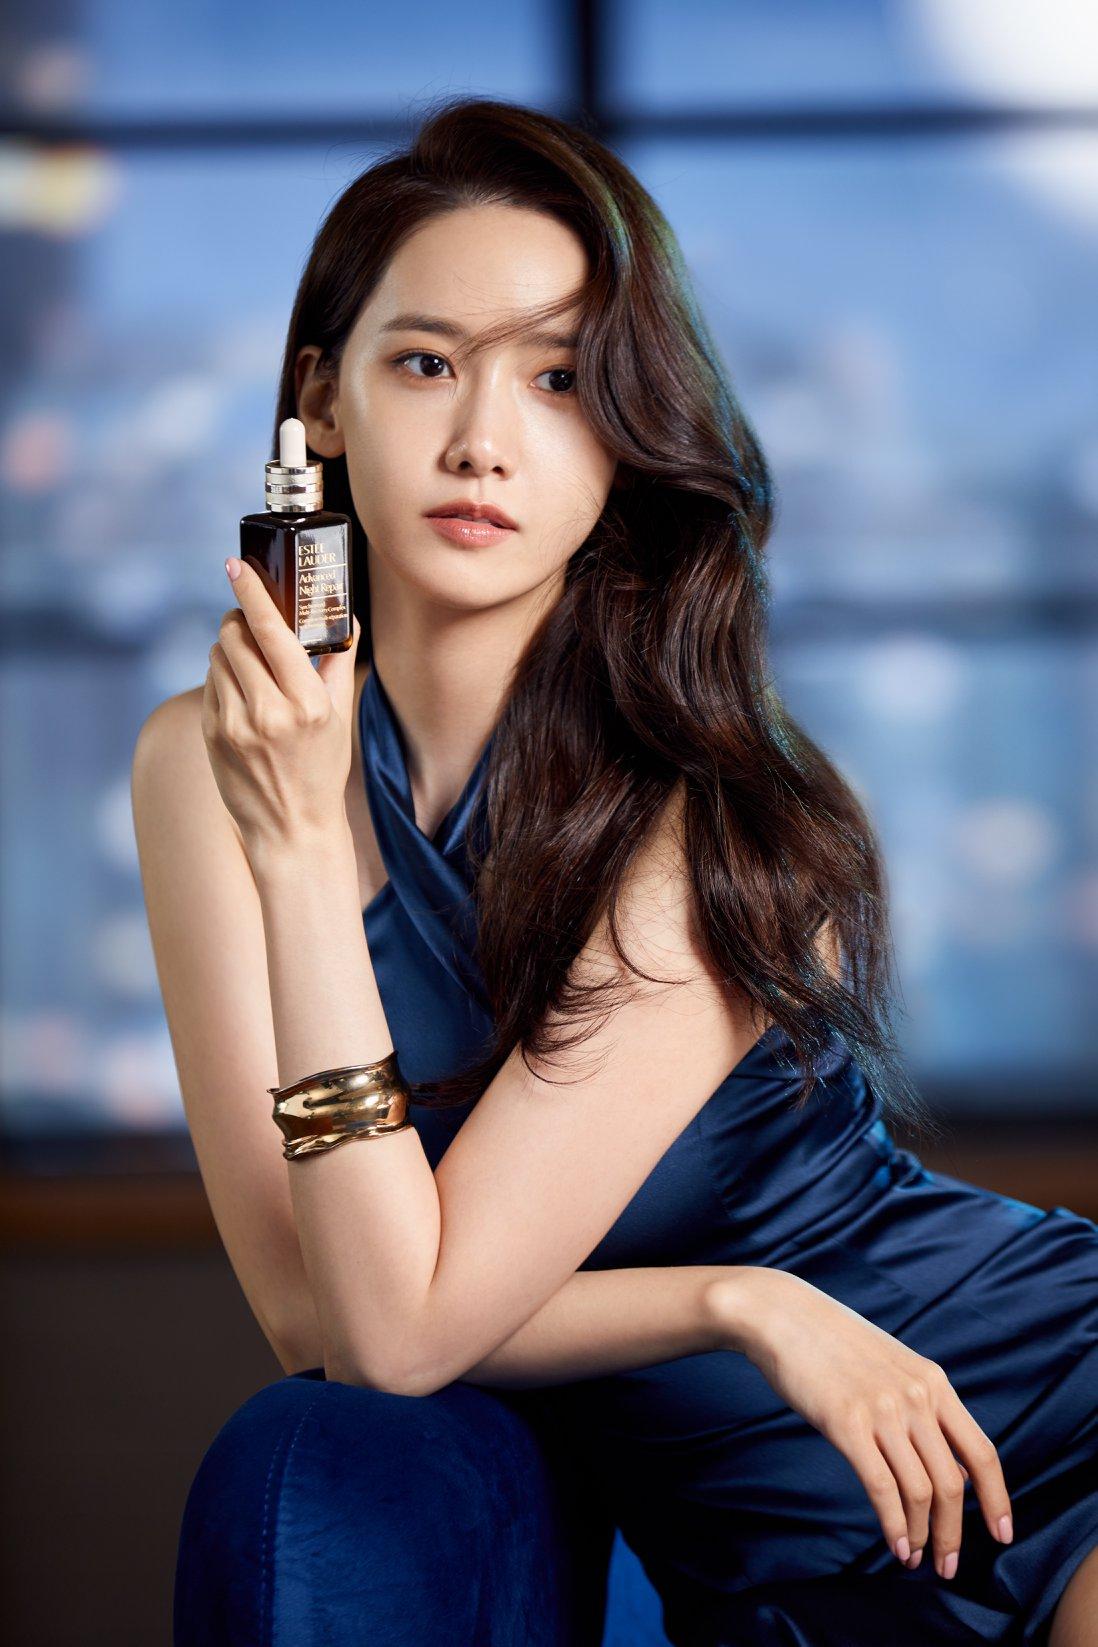 Đẳng cấp Yoona: 14 năm liên tiếp làm nàng thơ của các hãng mỹ phẩm, chưa hề thất sủng 01 phút nào  - Ảnh 6.